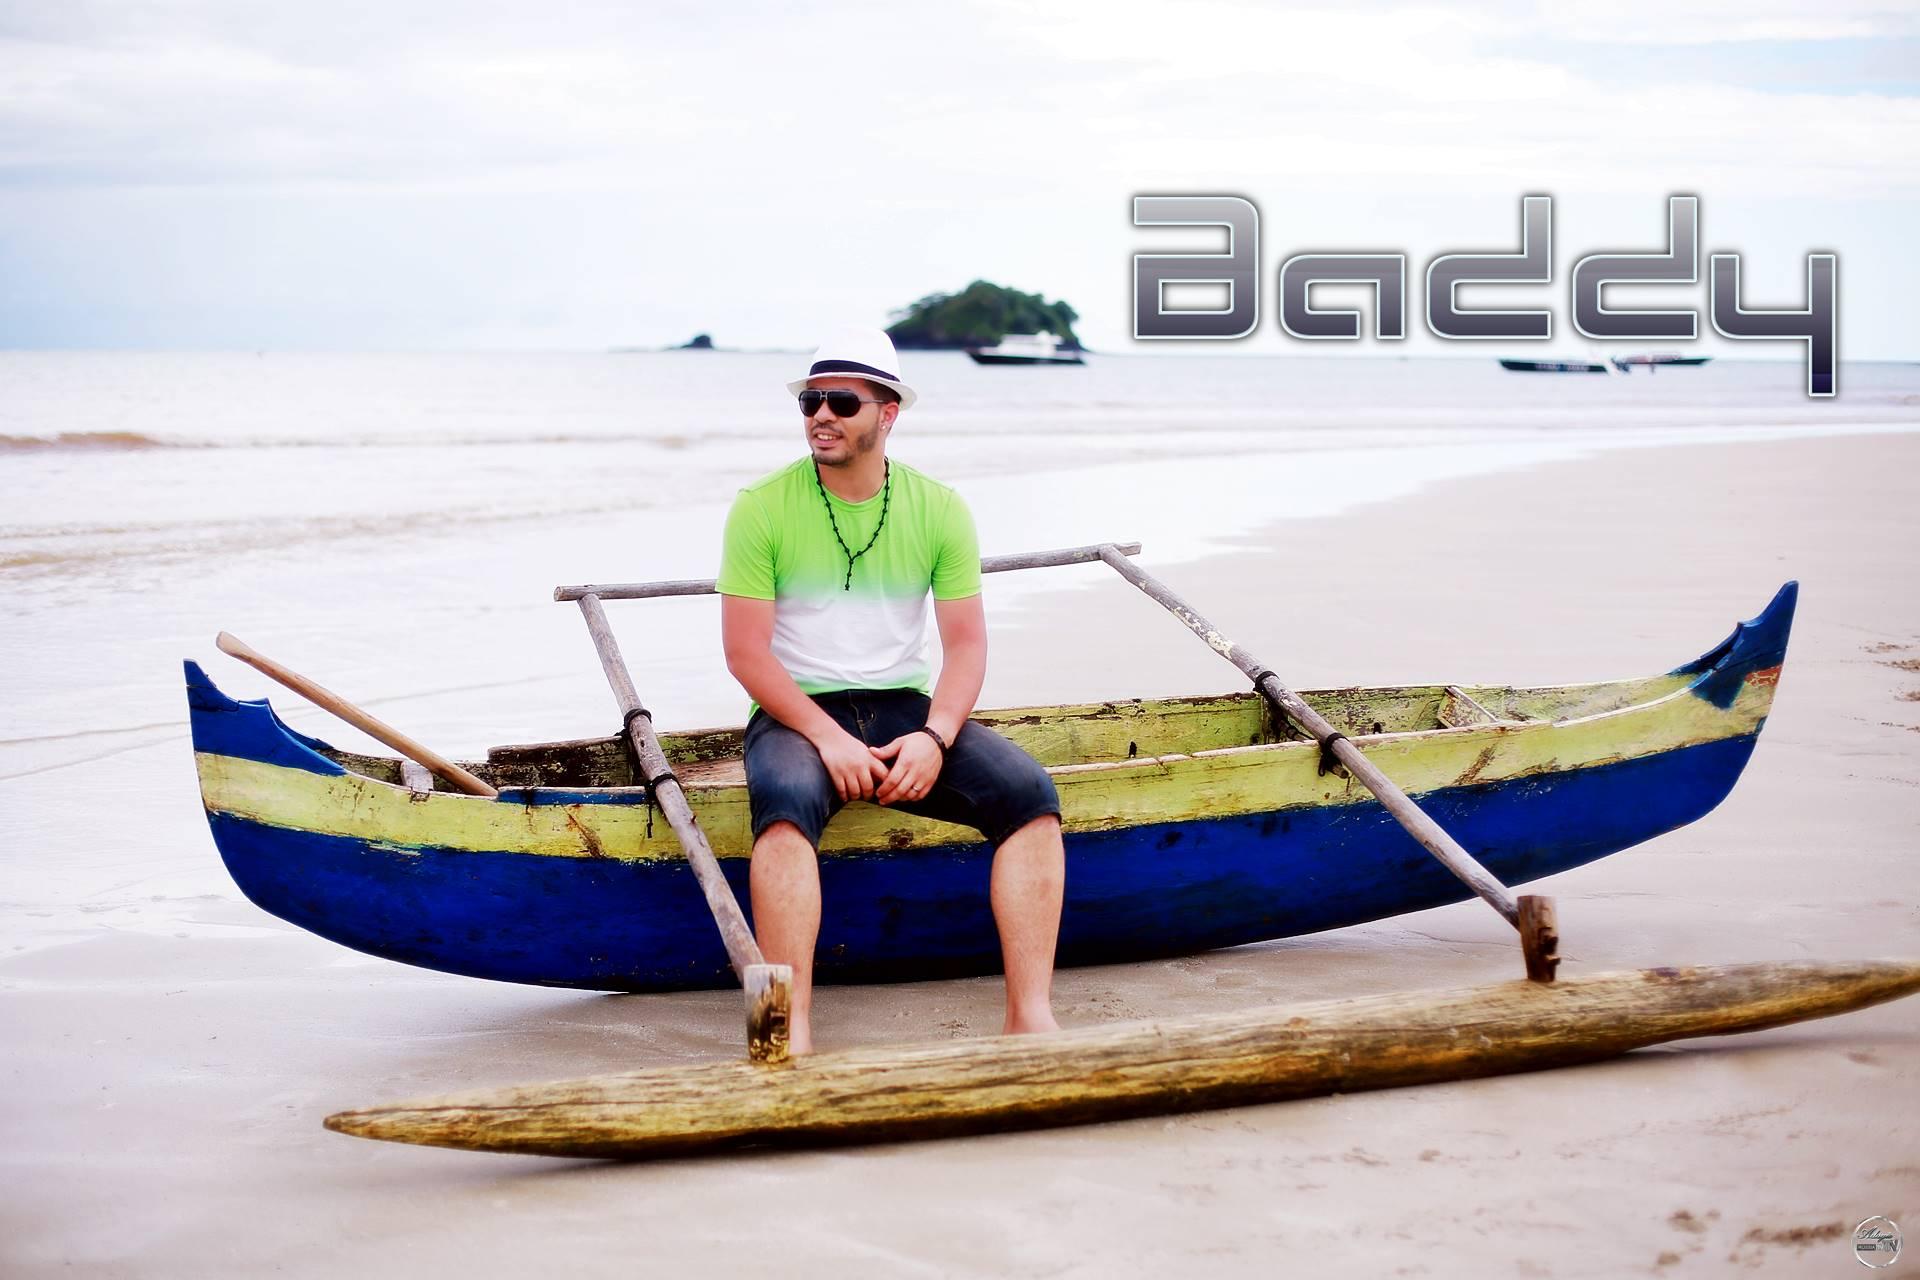 Baddy